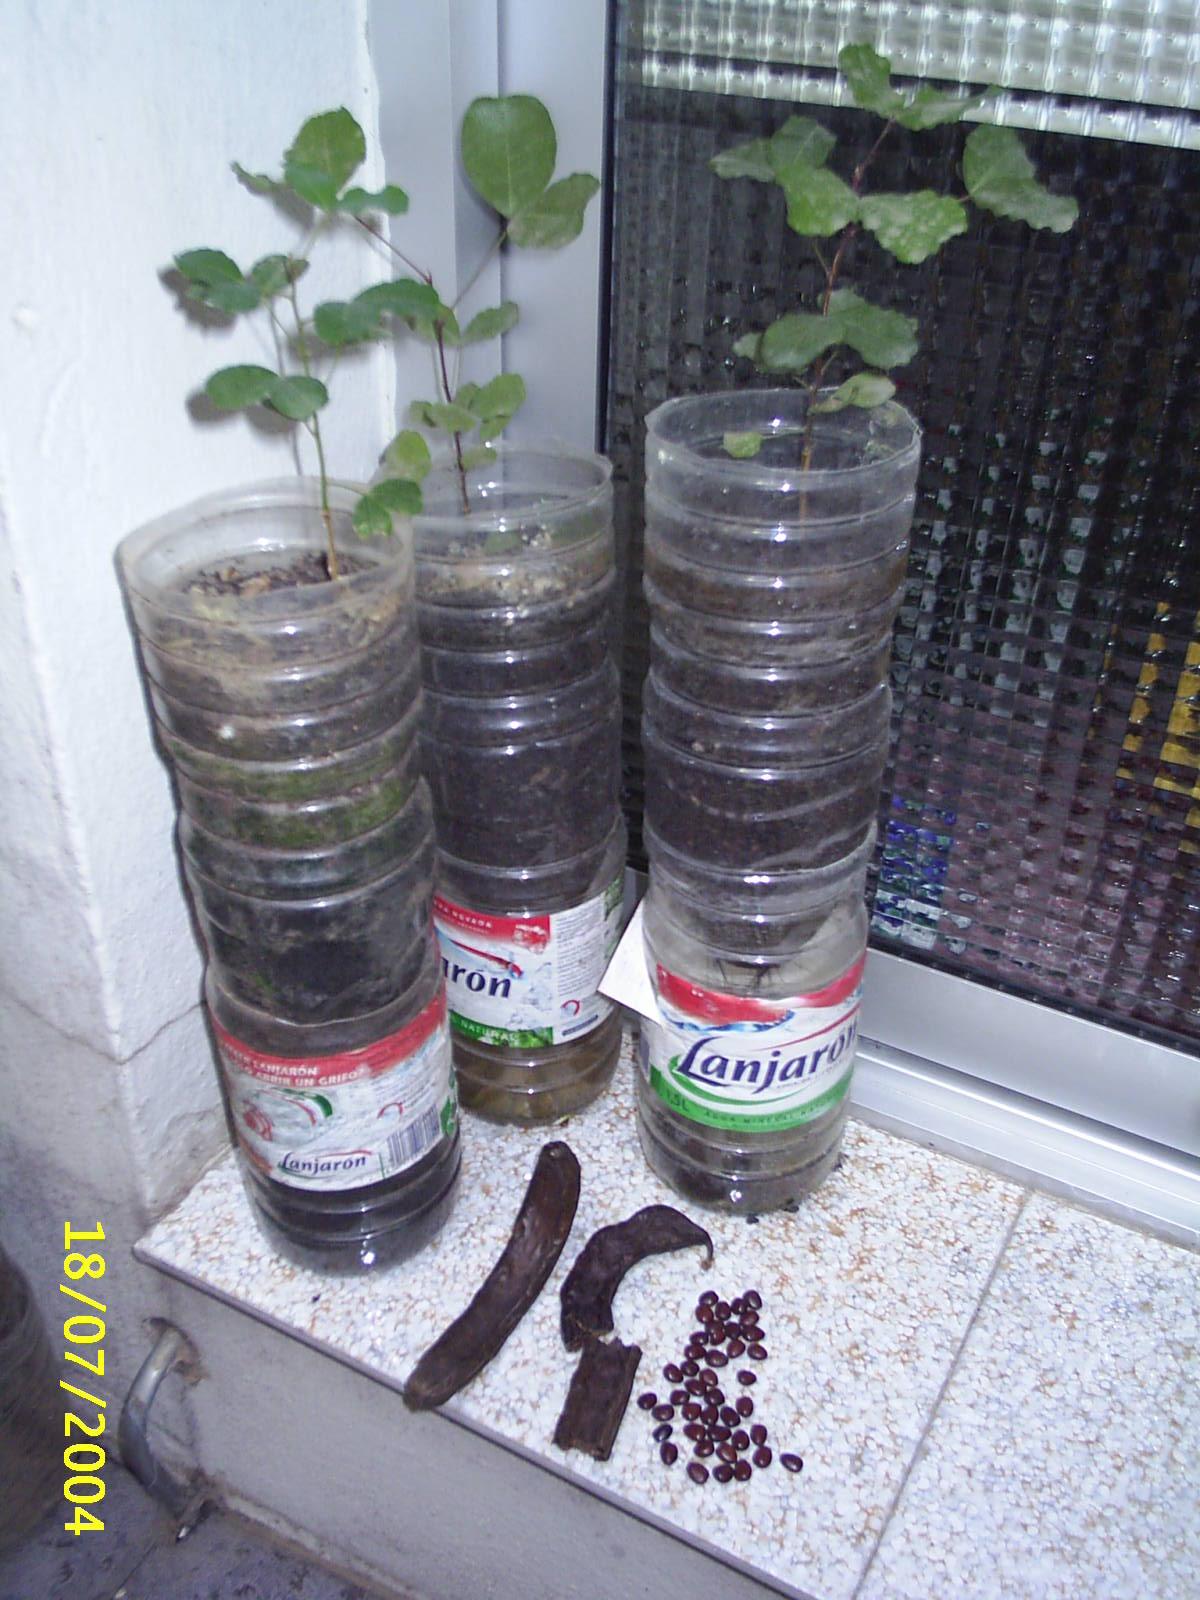 Unos plantones de algarrobo listos para ser trasplantados. Abajo la legumbre y sus semillas.